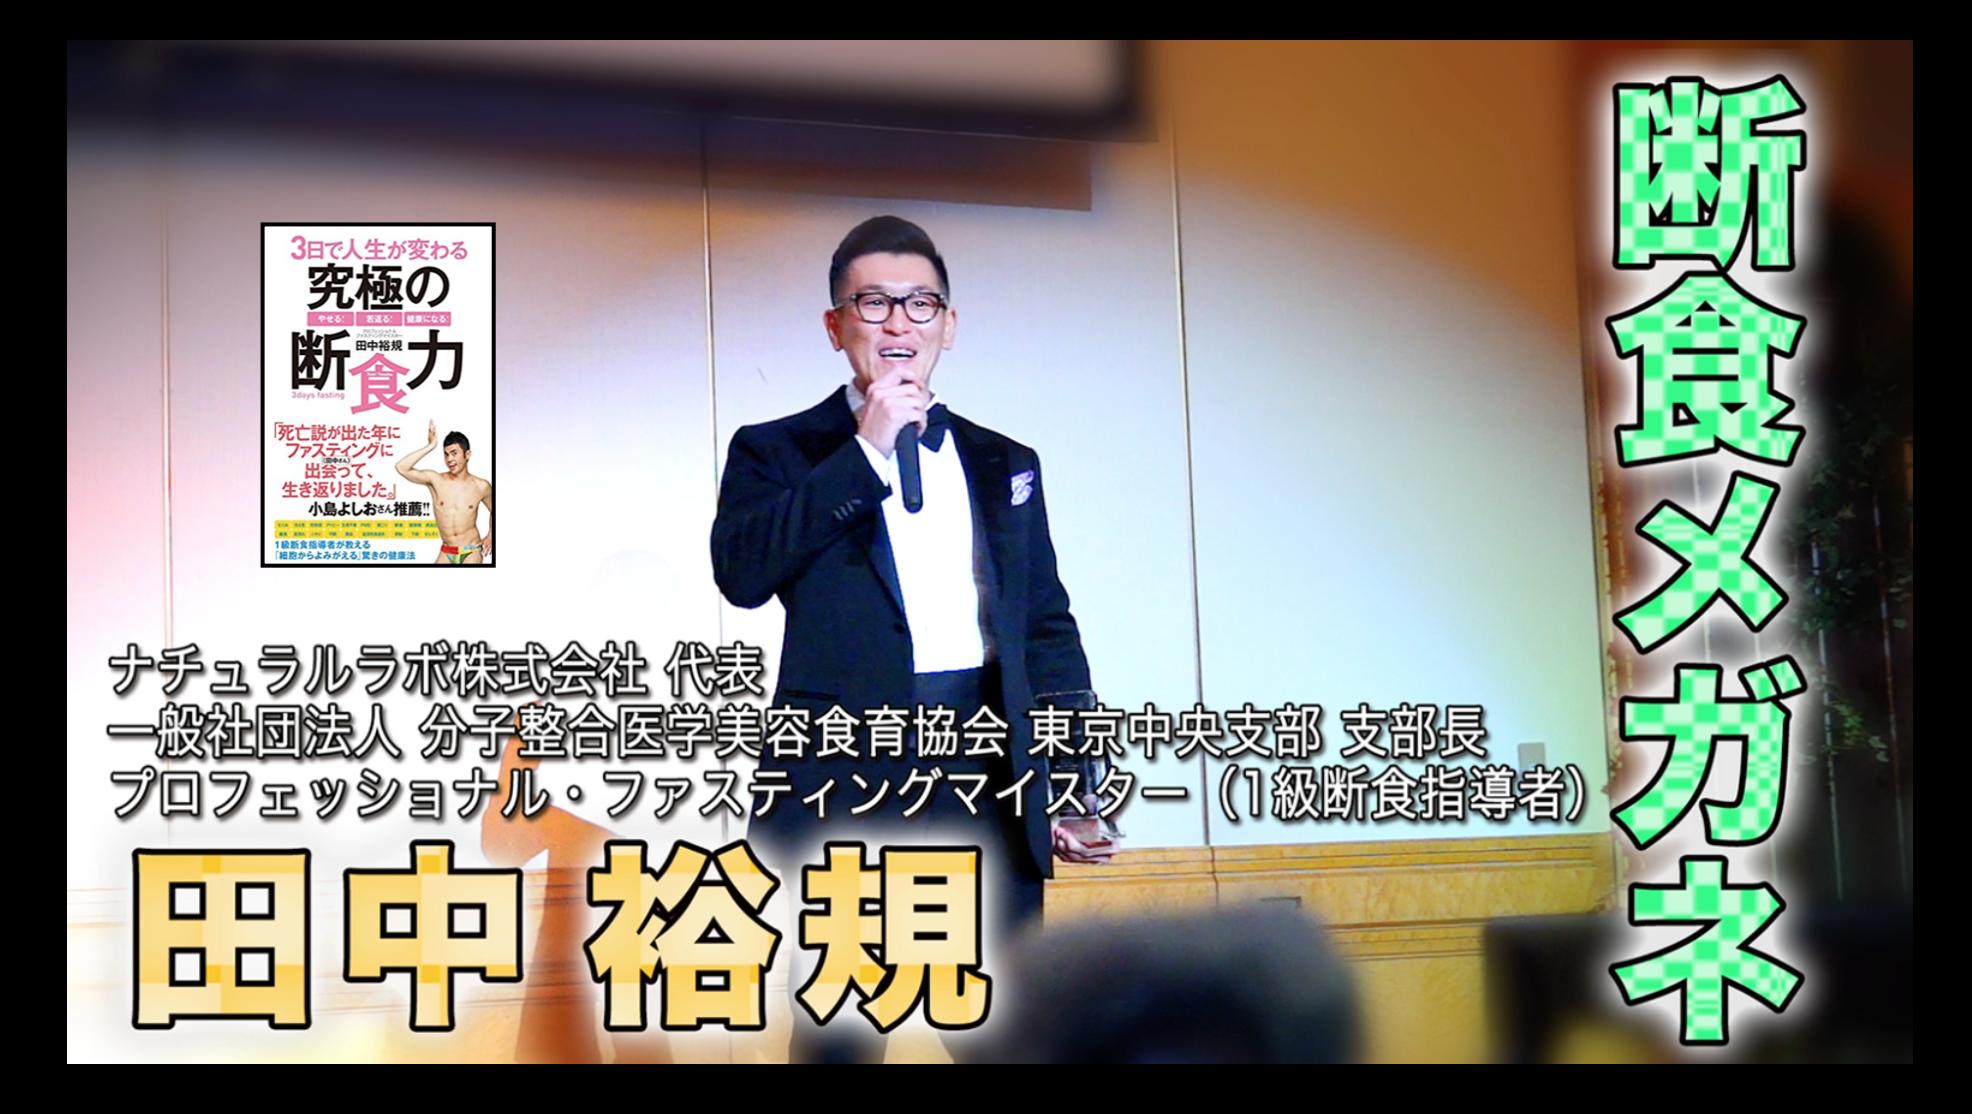 ナチュラルラボ株式会社 田中裕規様「スーパー有機ファスティング」PR動画